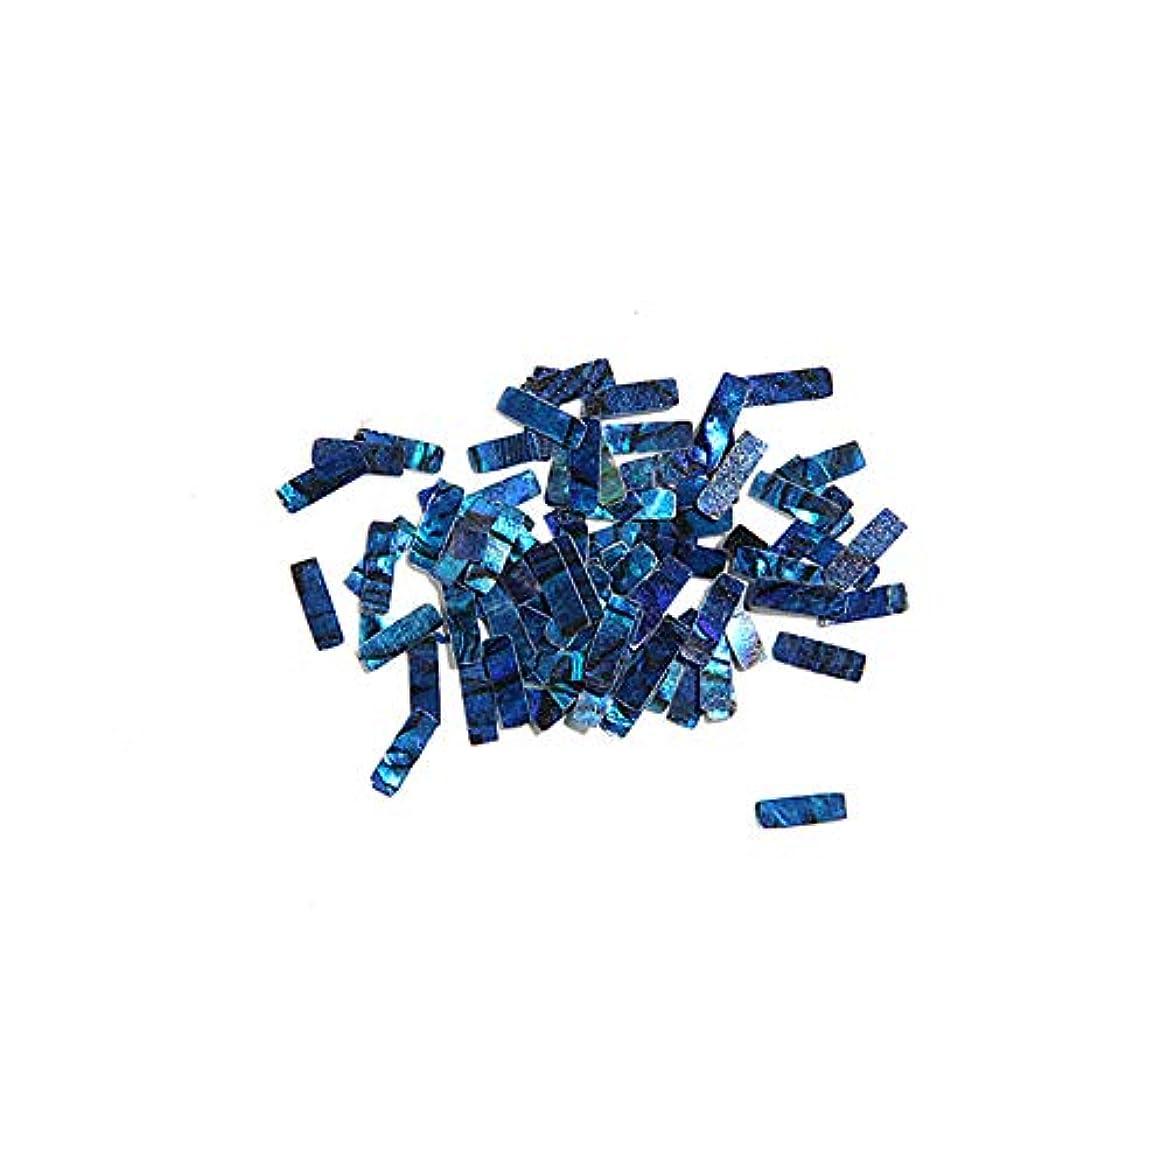 不安定ホラー艶Snner ネイル グリッター ラメ キラキラ ラメパウダー ネイルアートパーツ レジン用 ジェルネイル おしゃれ プレゼント ネイル用装飾 彩られる ネイルステッカー (YH53-02)